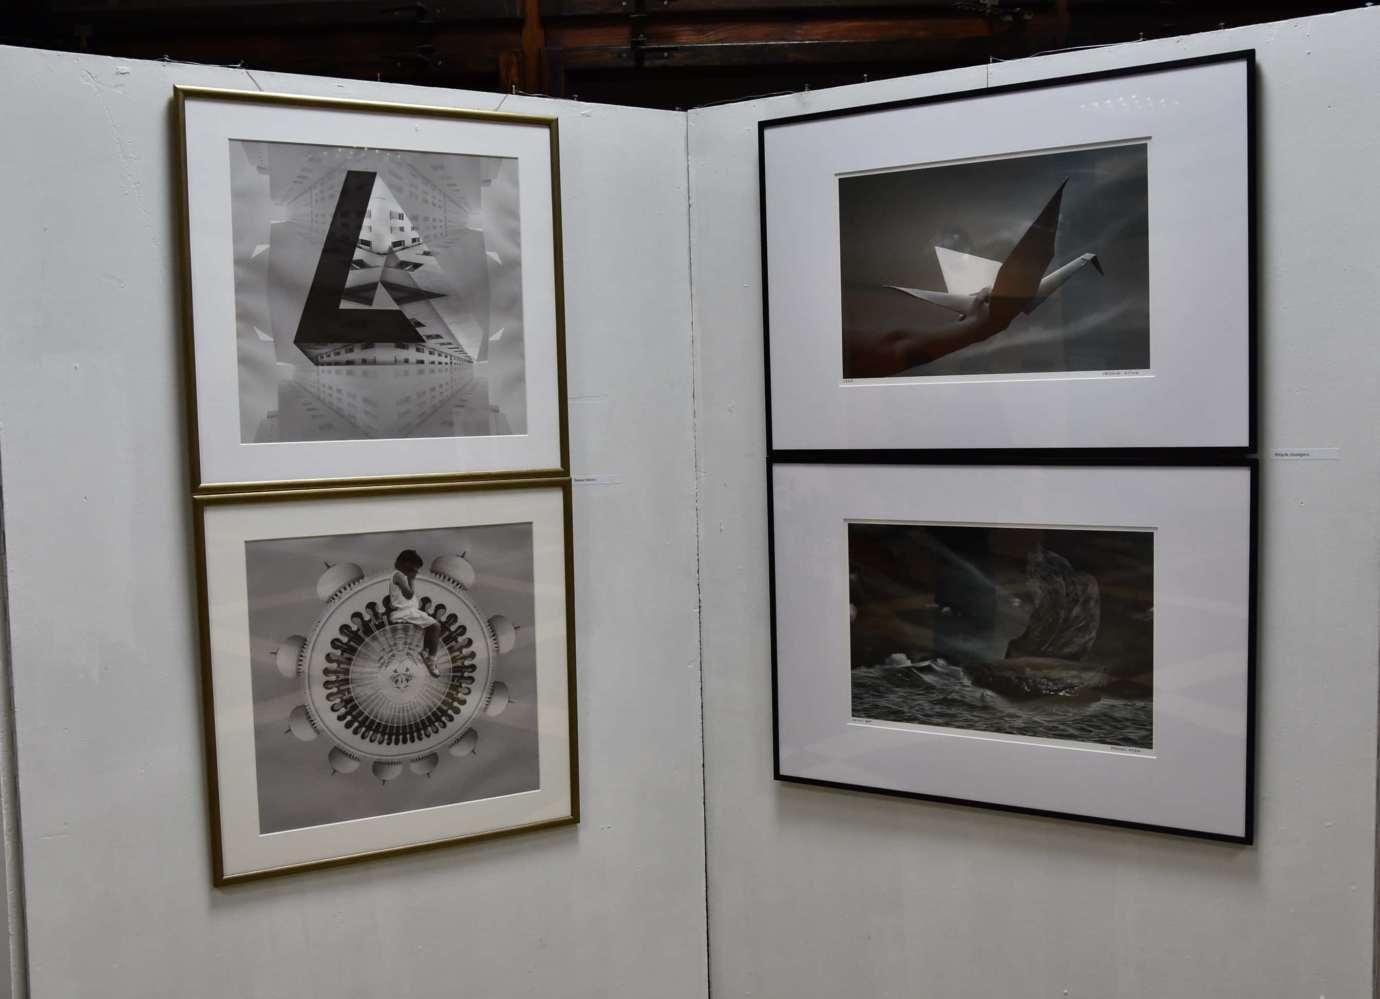 dsc 2566 Wystawa 66 limitowanych fotografii do zobaczenia w ZDK (zdjęcia)